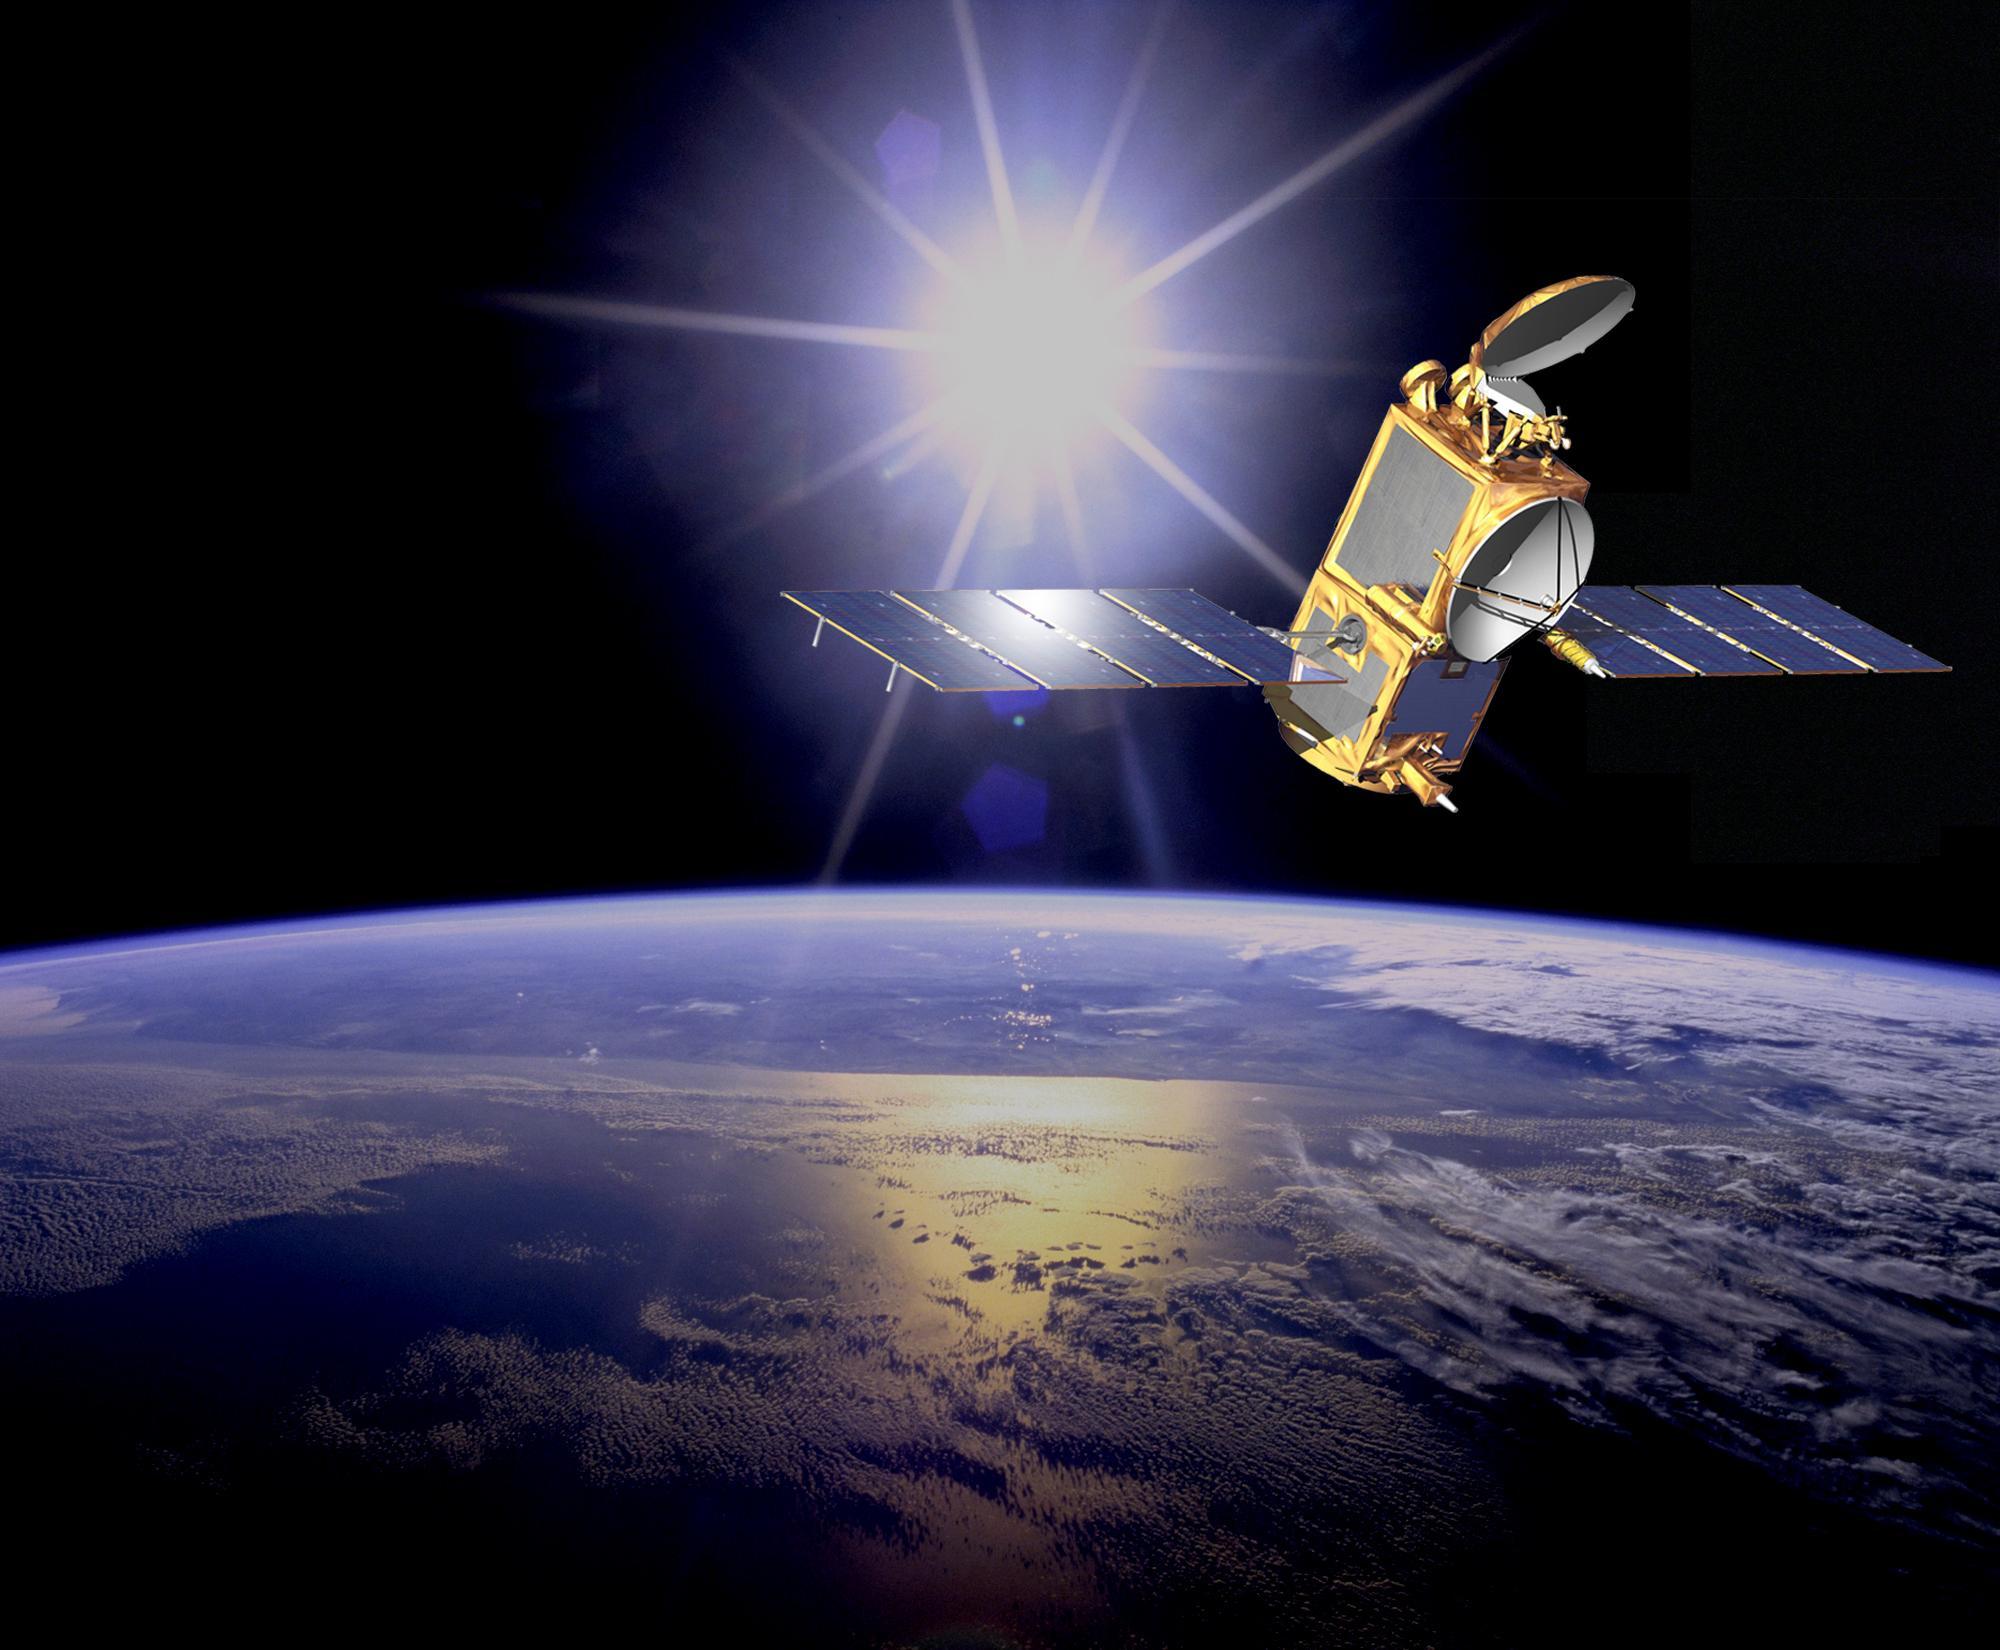 nasa satellite images - HD1953×1229